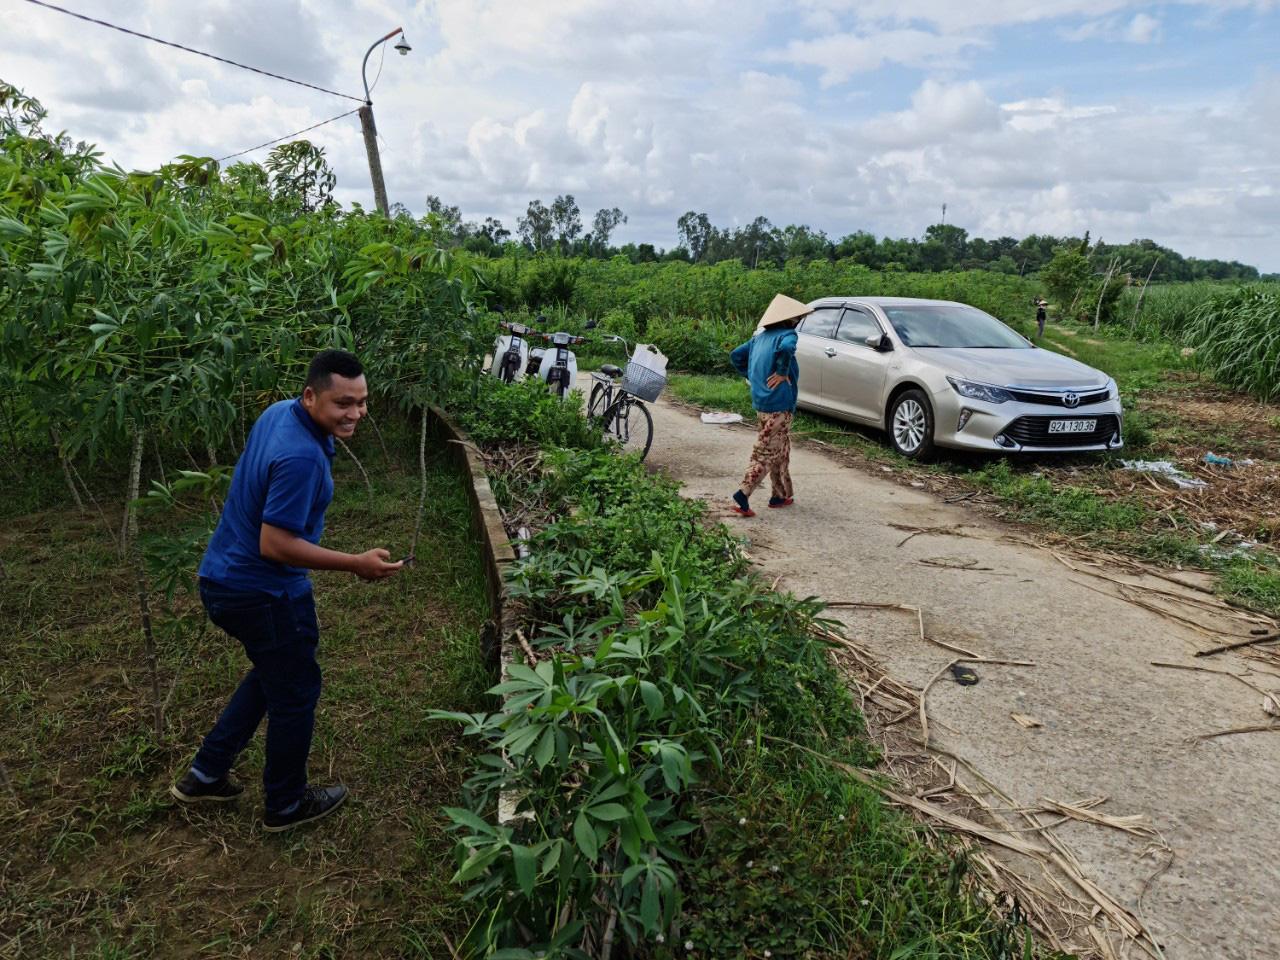 Quảng Nam: Kênh thủy lợi hàng trăm triệu đồng chỉ để chứa rác, trồng cỏ cho bò - Ảnh 1.